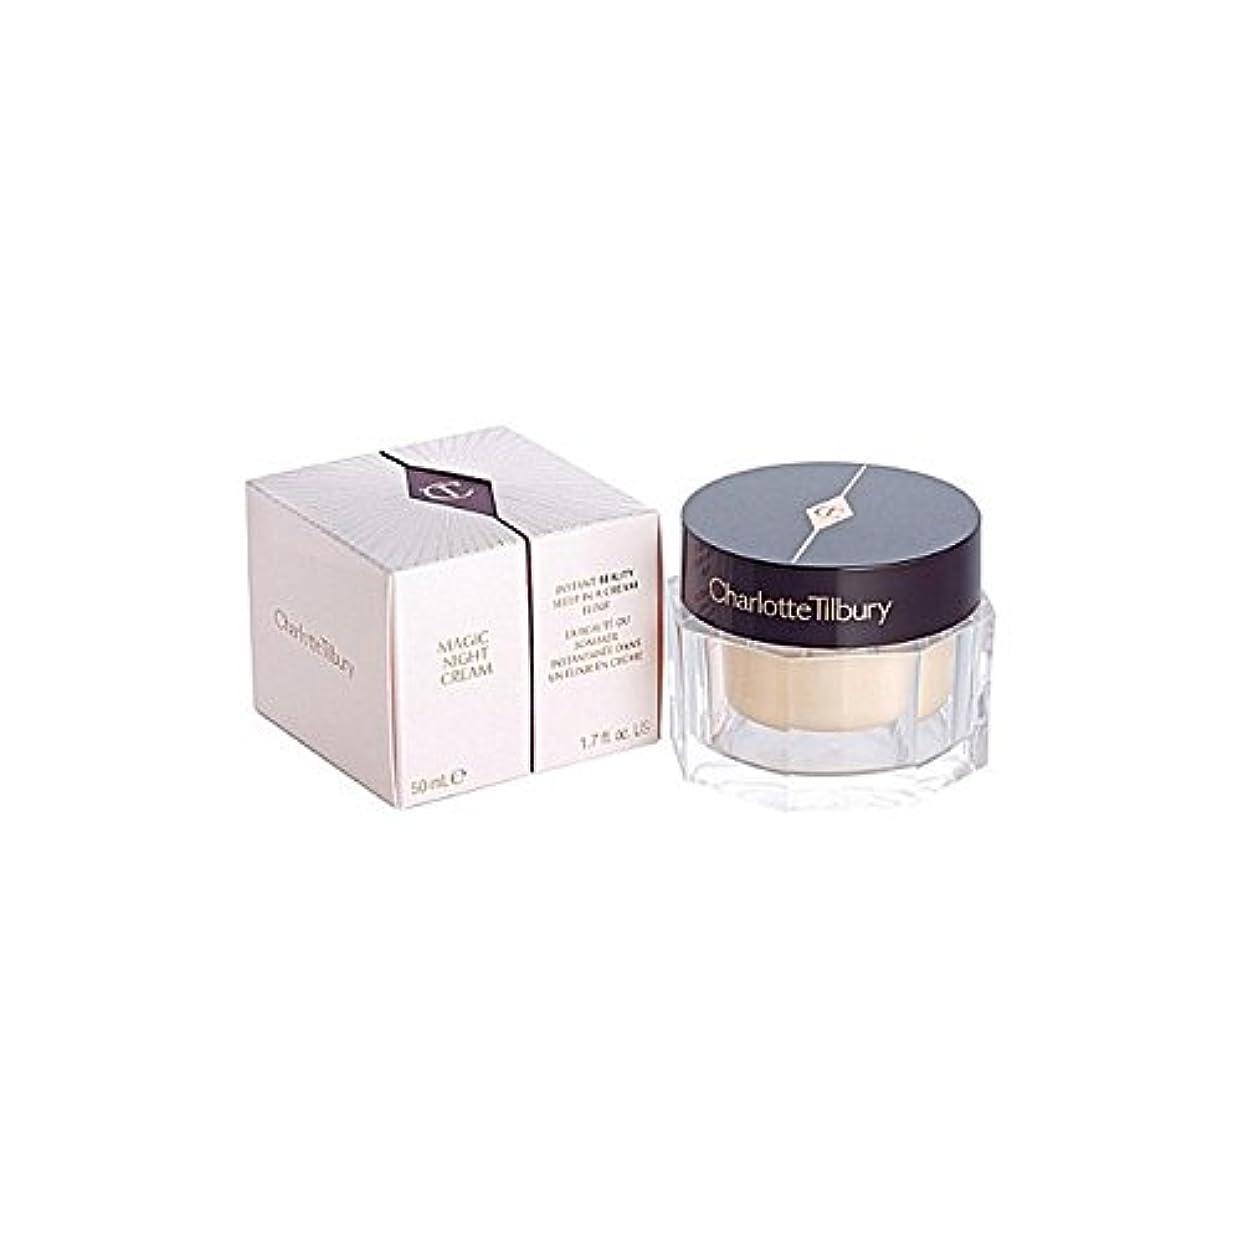 シャーロットティルバリーマジックナイトレスキュークリーム50 x2 - Charlotte Tilbury Magic Night Rescue Cream 50Ml (Pack of 2) [並行輸入品]